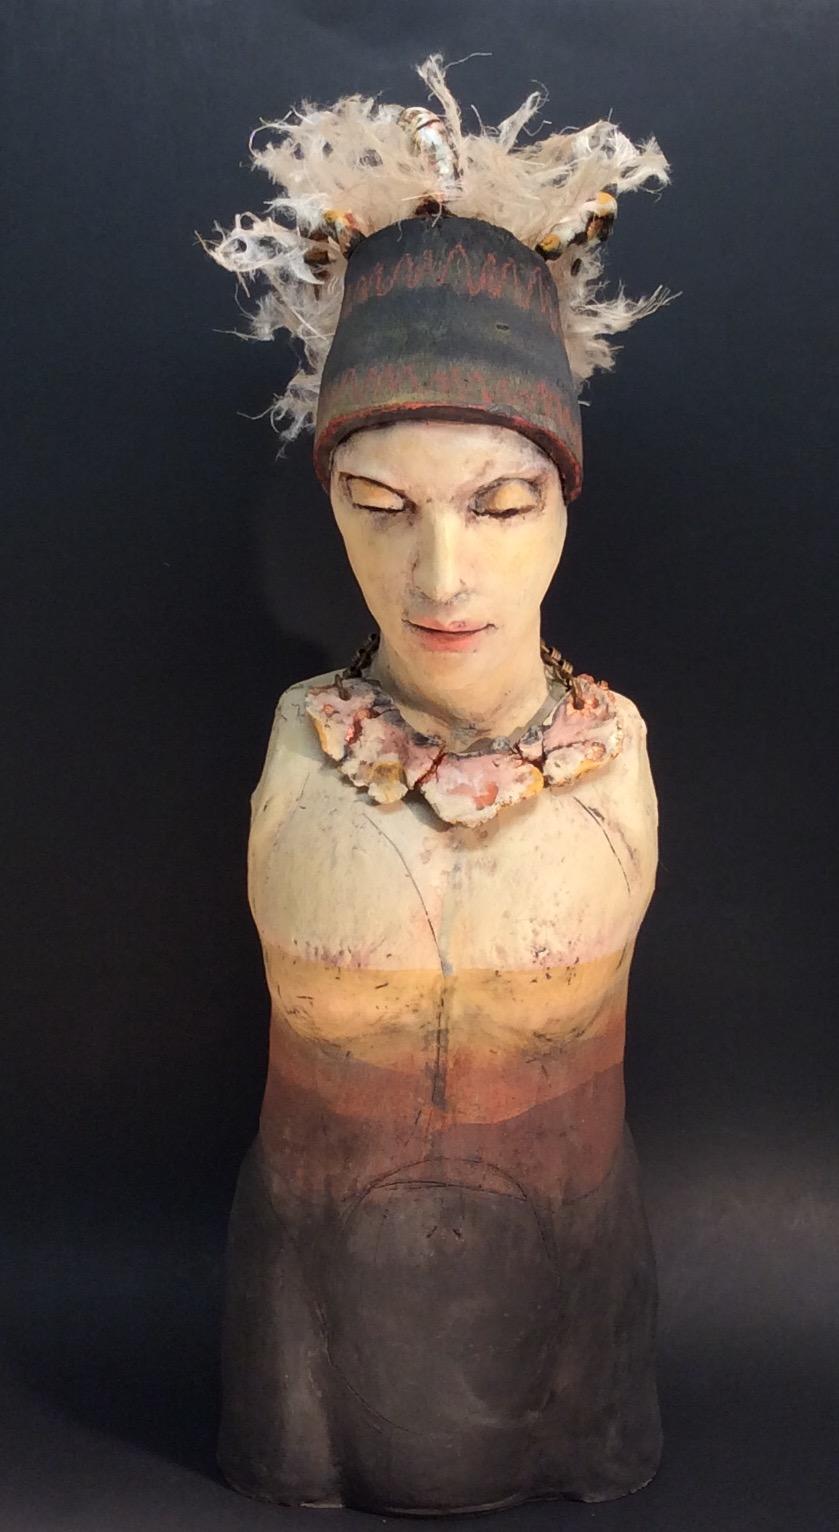 Figural Ceramic Bust - Sculpture